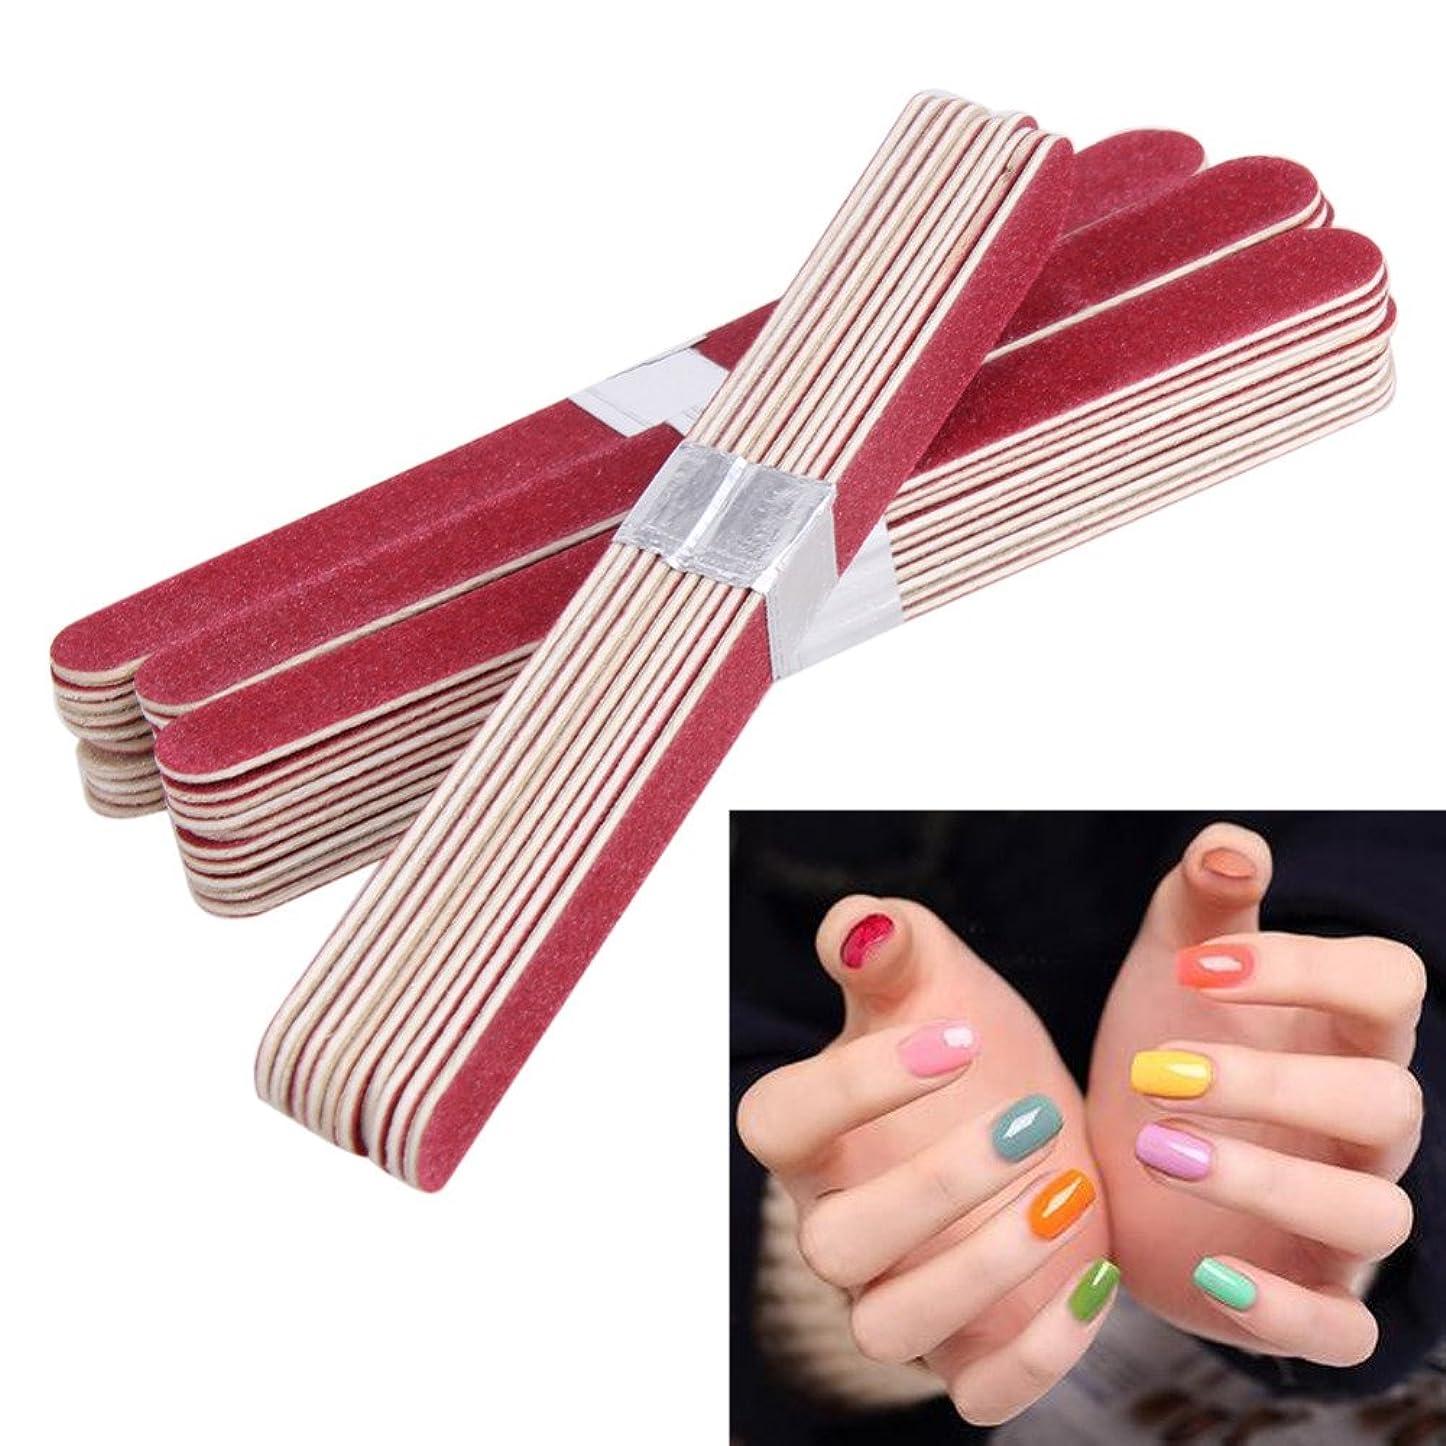 防水トランスペアレント農場Kingsie ネイルファイル 40本セット 赤 ウッド エメリーボード 爪やすり 爪磨き ネイルケアセット